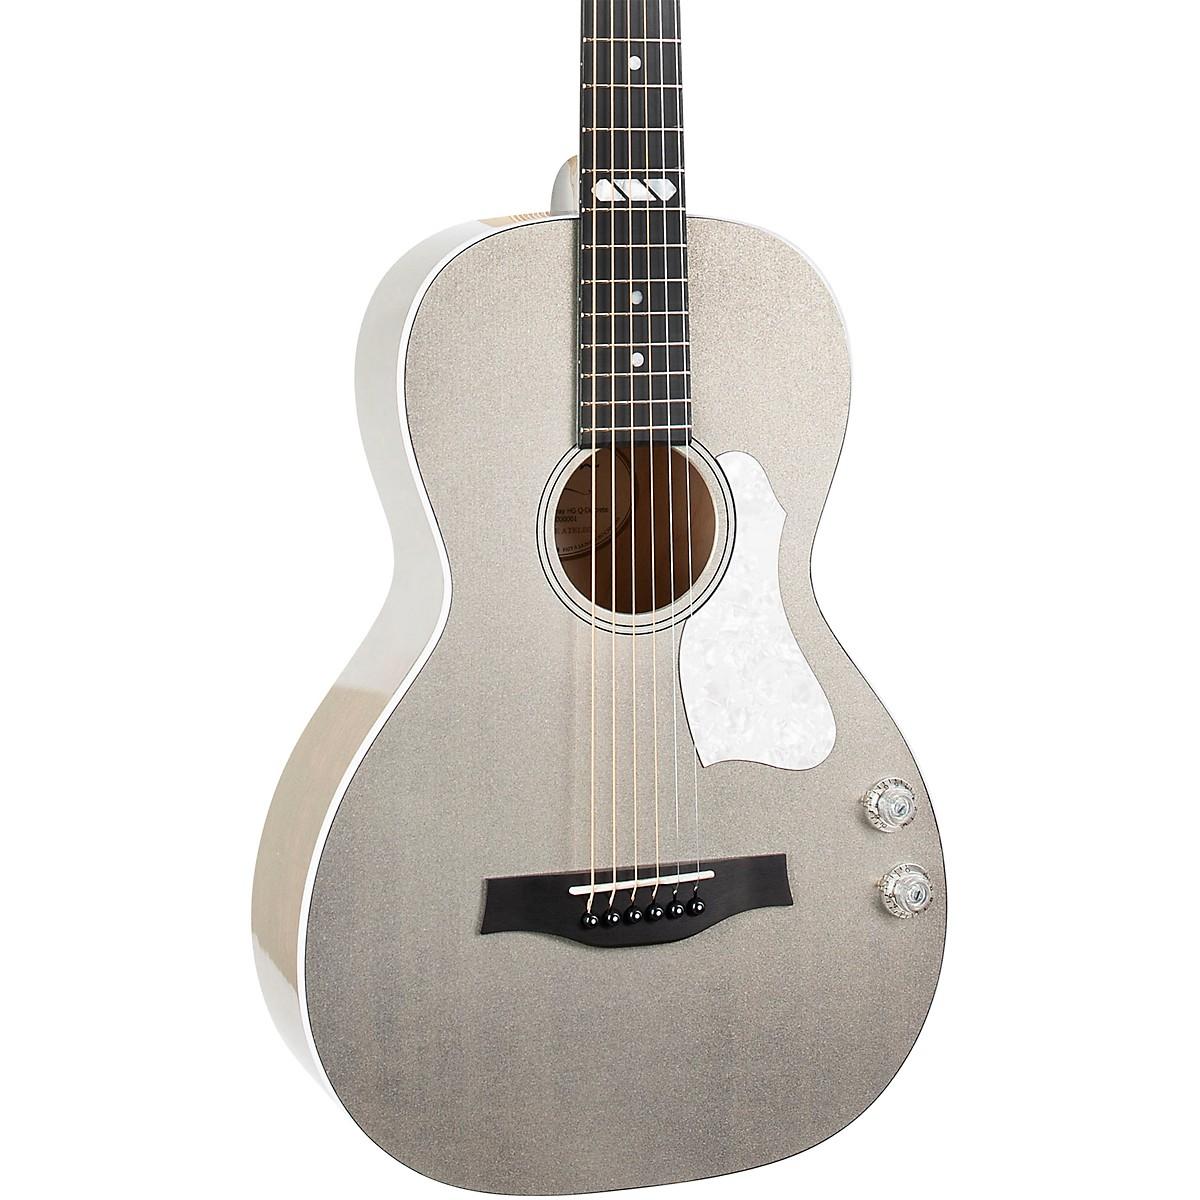 Godin Rialto JR Satina Gray HG Q-Discrete Acoustic-Electric Guitar